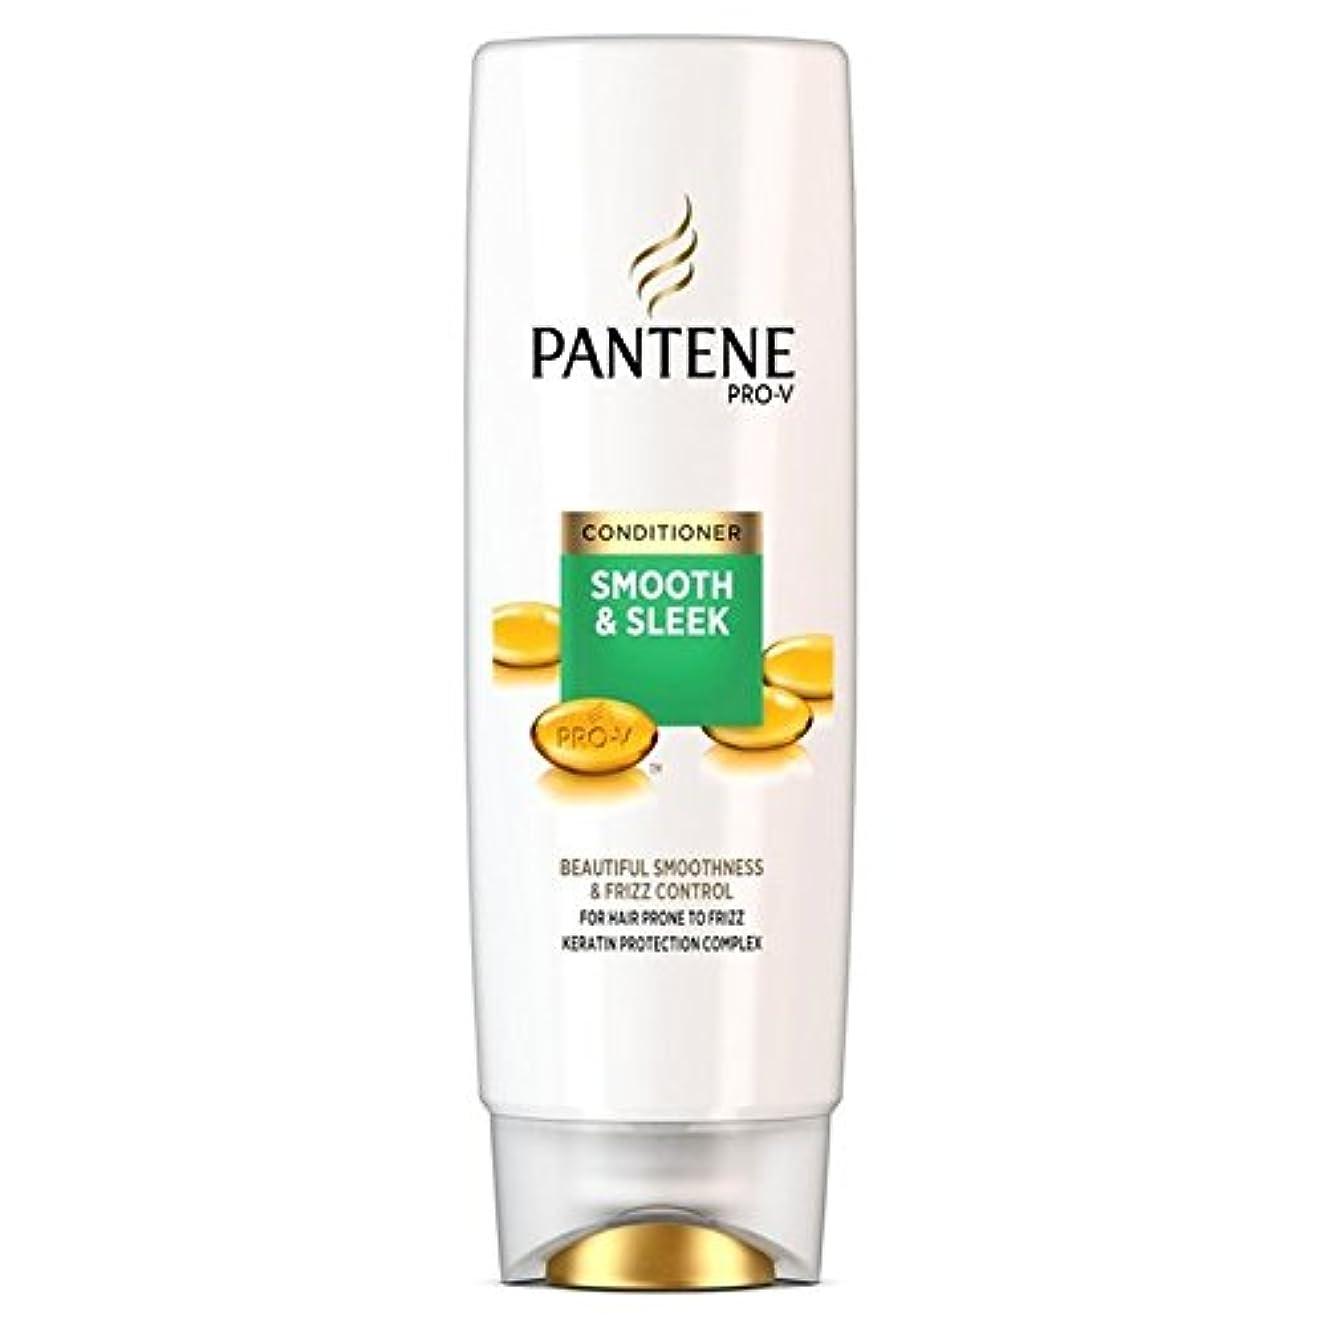 固体トランスミッションローブパンテーンコンディショナースムーズ&縮れ250ミリリットルを受けやすい髪になめらかな x2 - Pantene Conditioner Smooth & Sleek For Hair Prone to Frizz 250ml...